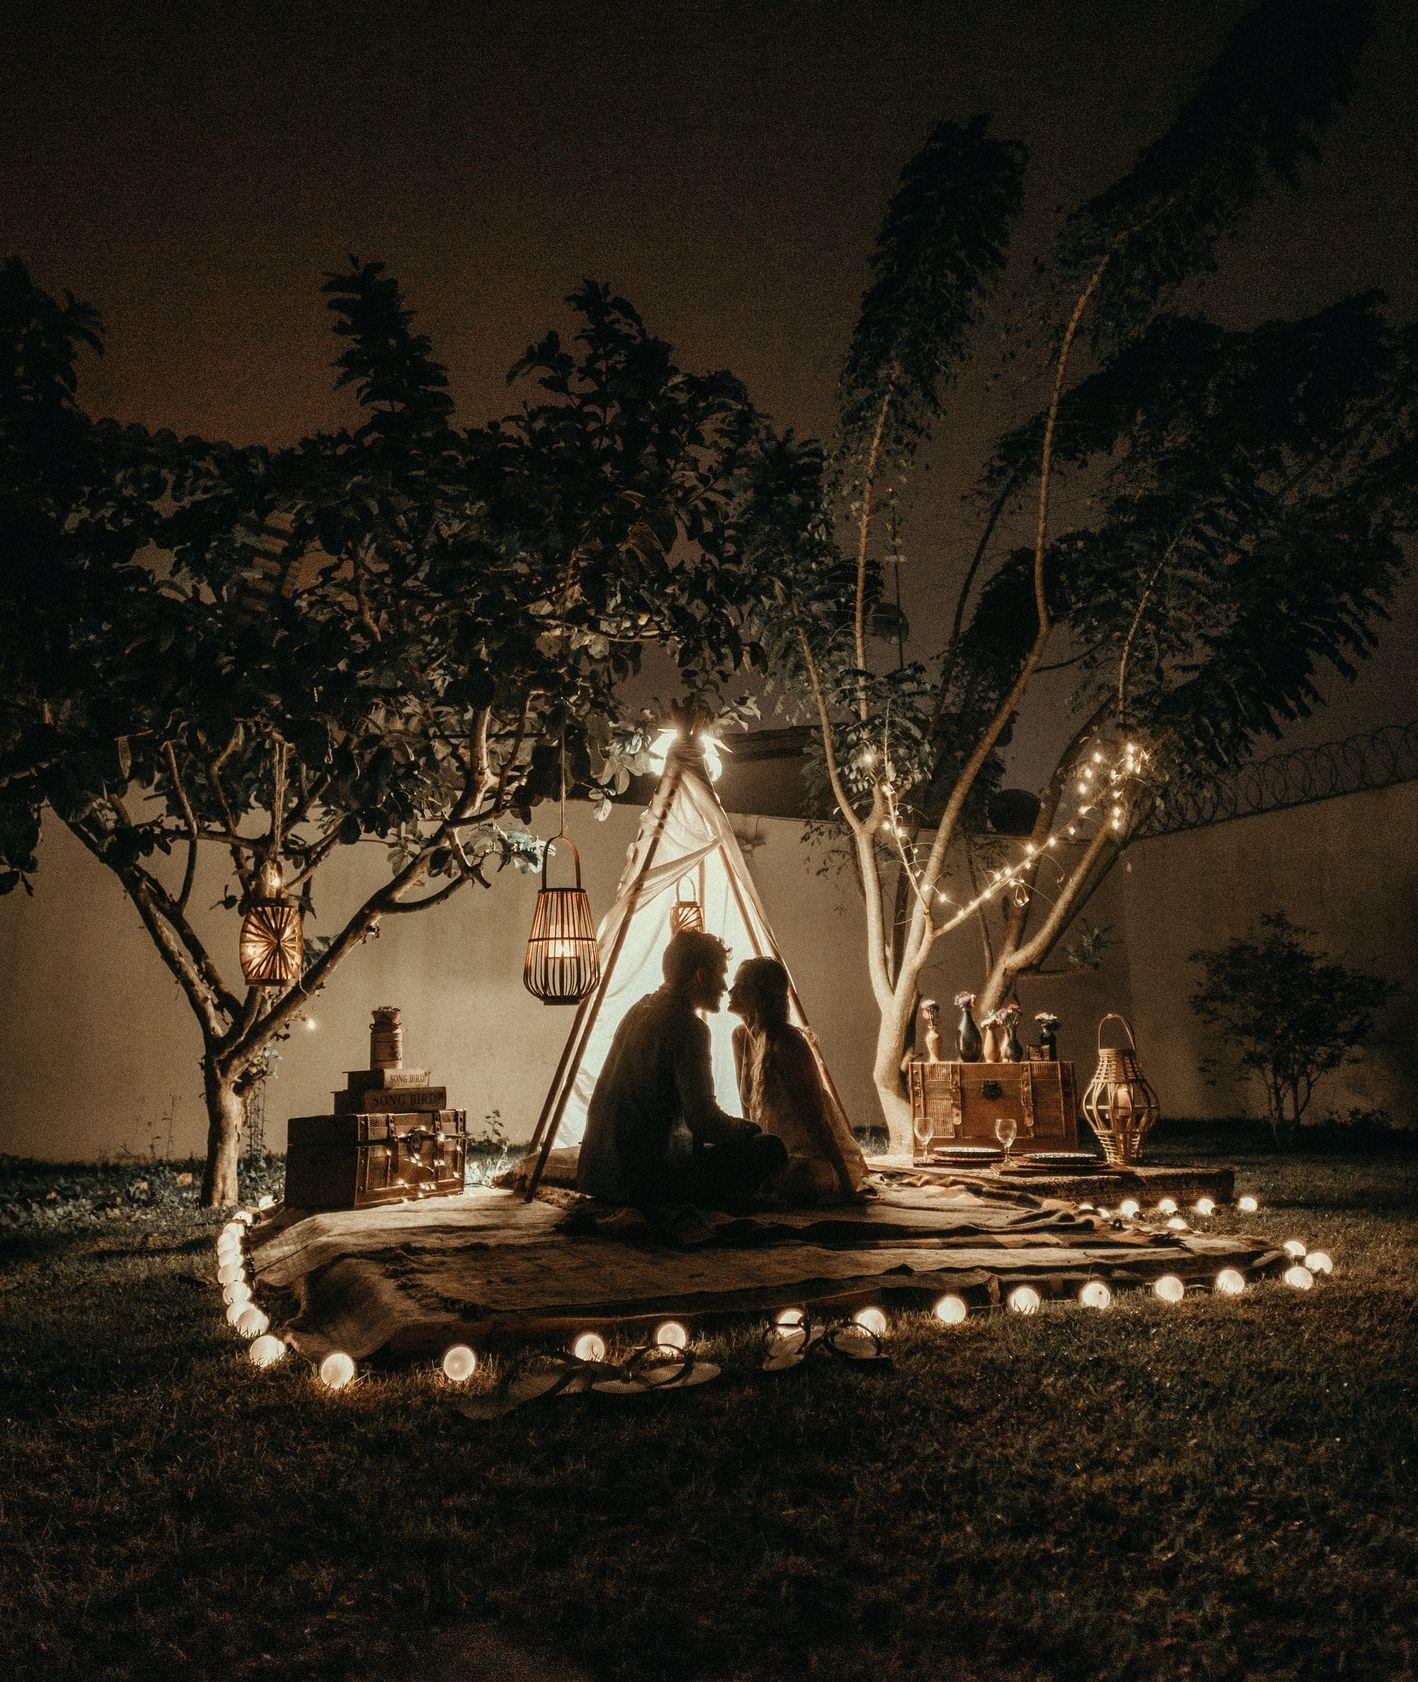 Romantyczna kolacja w ogrodzie pod namiotem (fot. Jonathan Borba / unsplash.com)